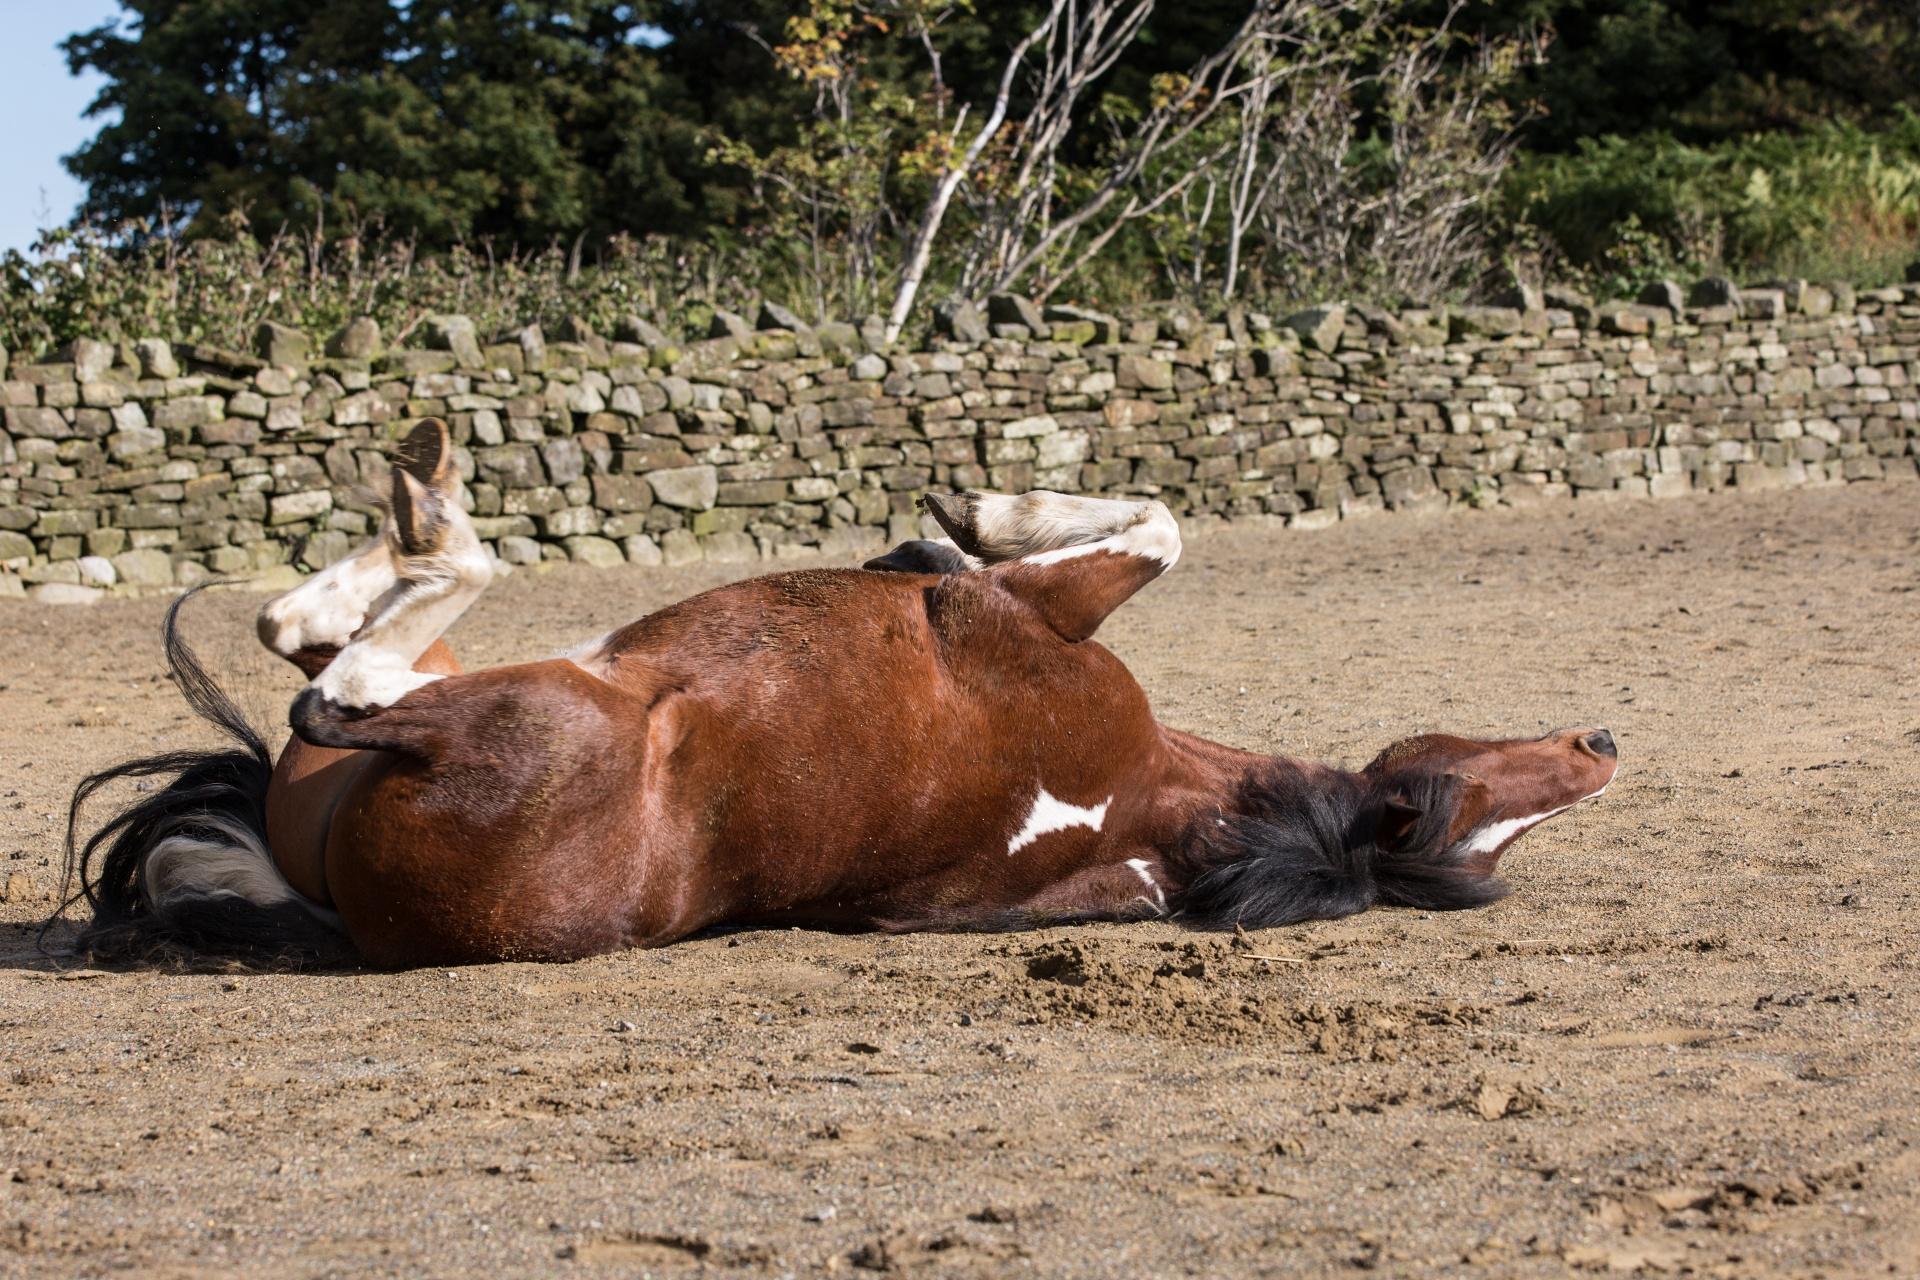 داء الكلب في الخيول